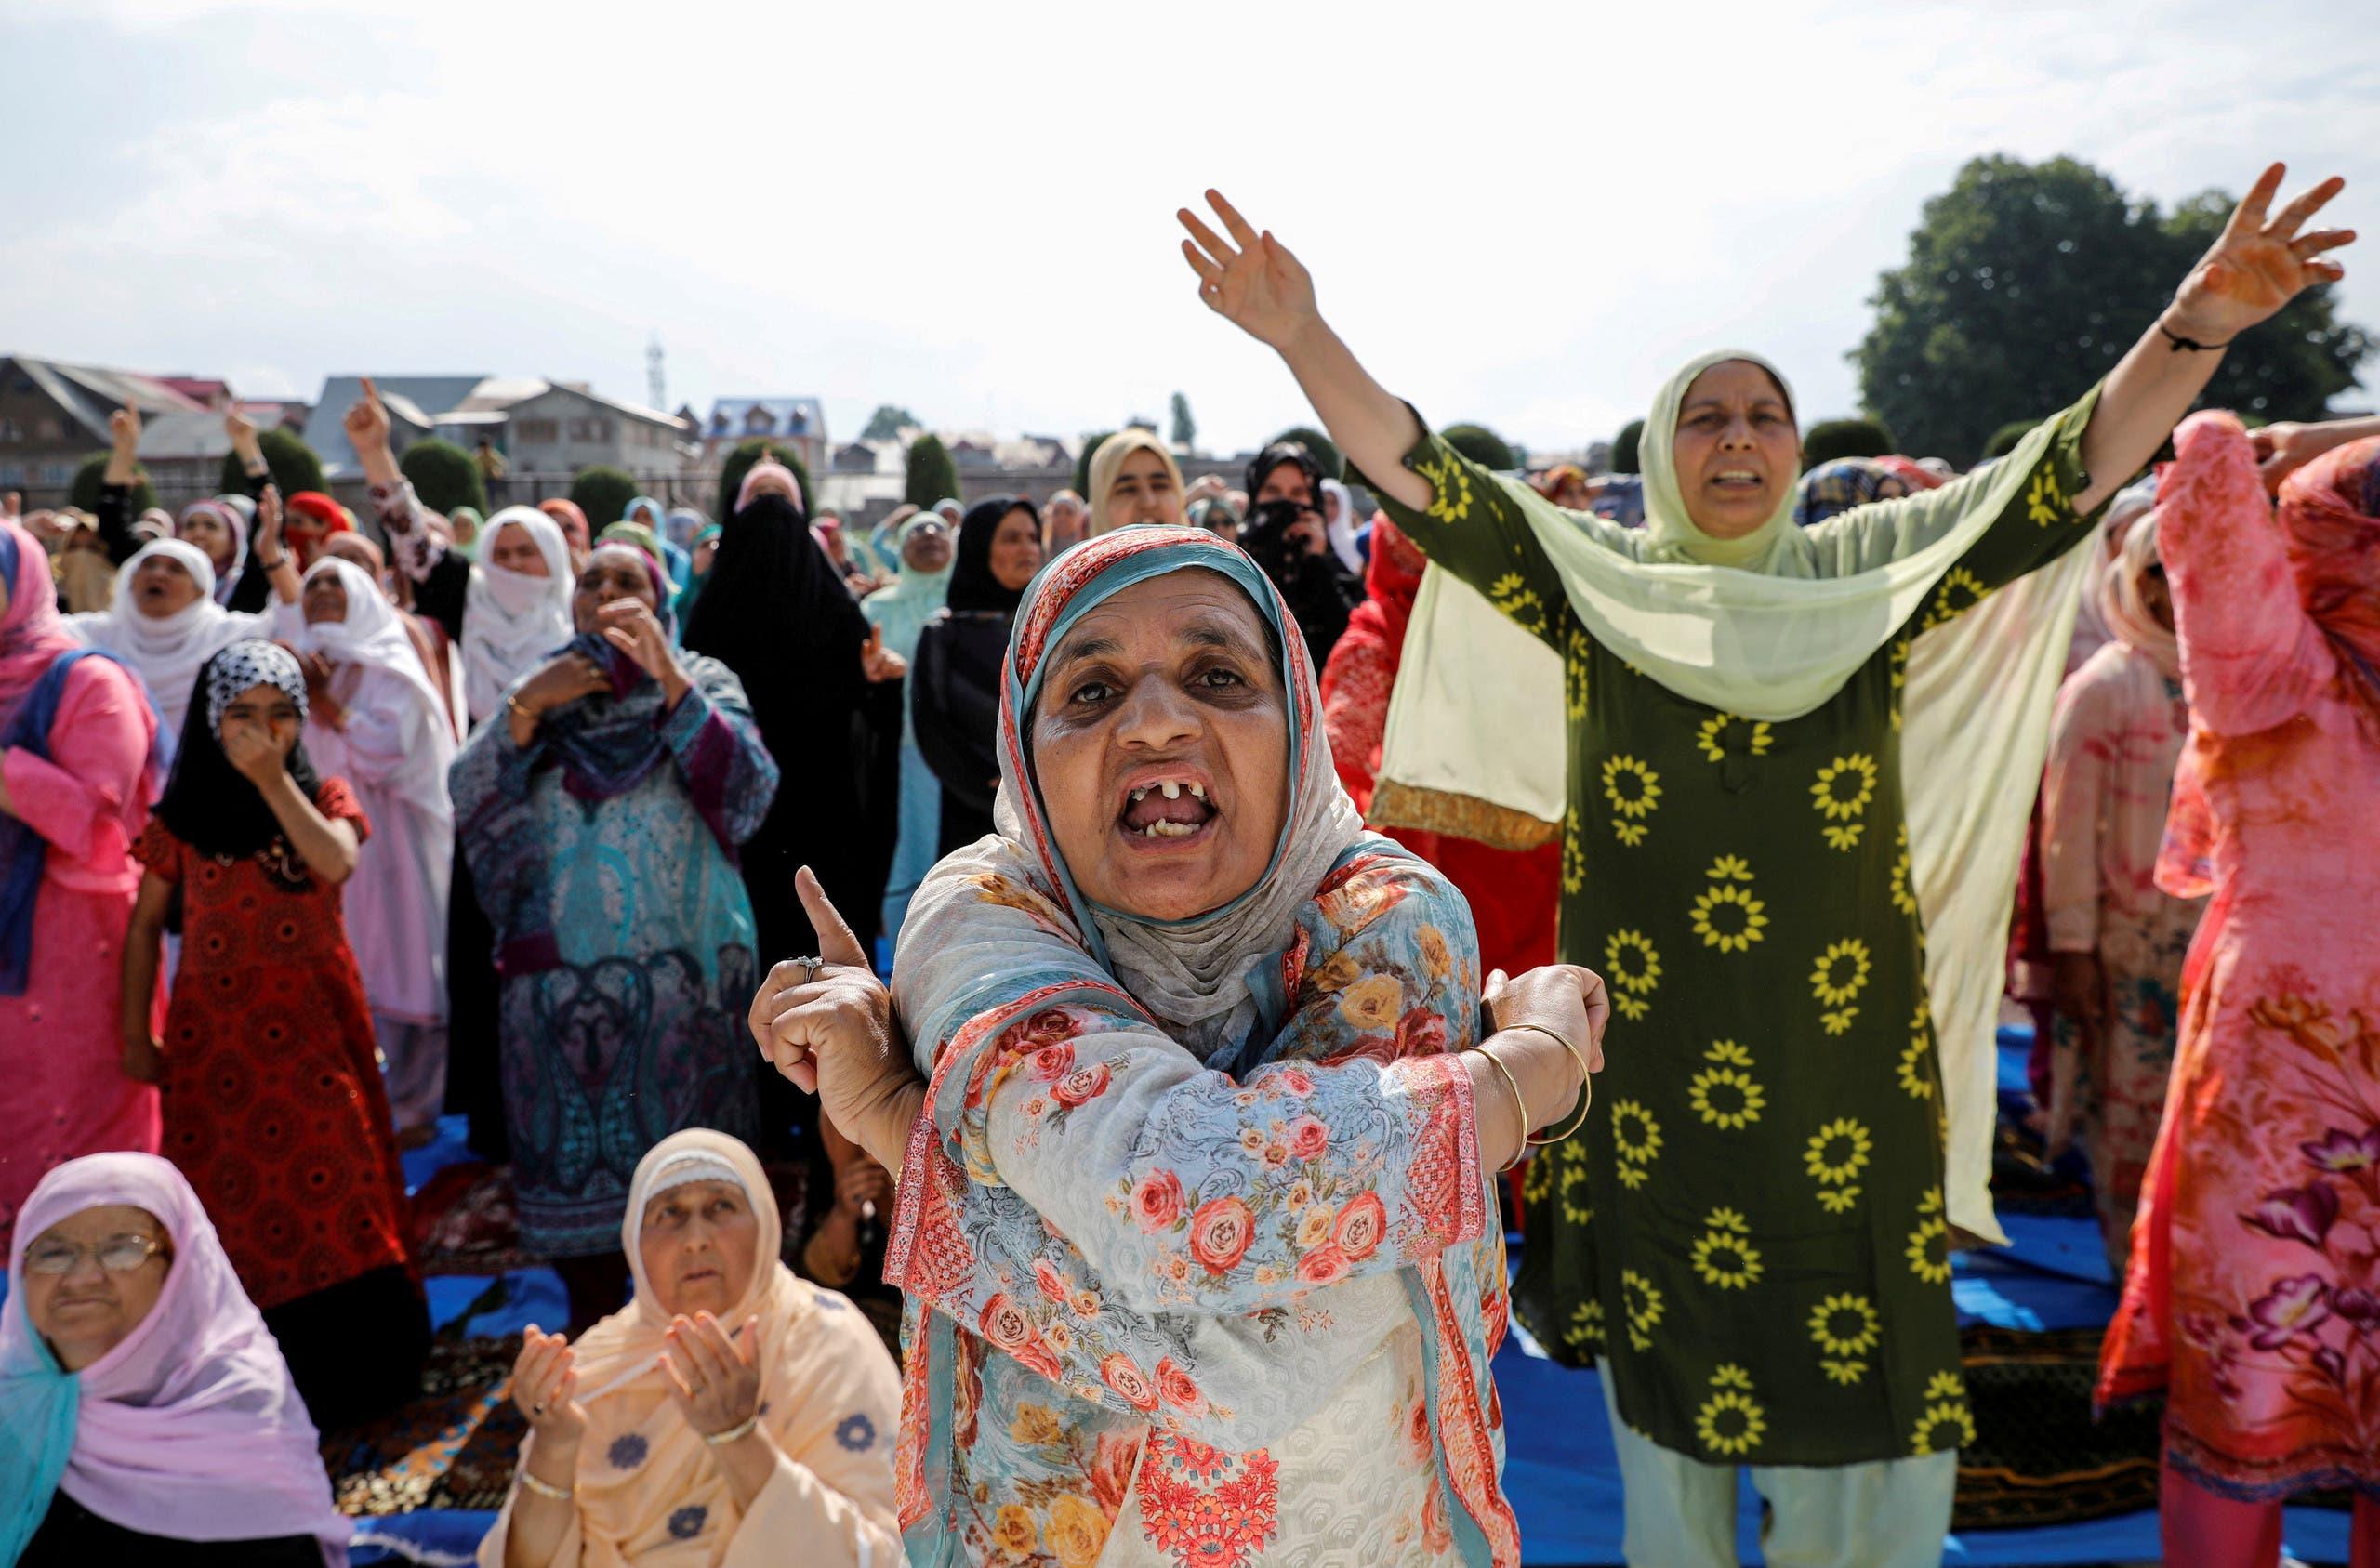 نساء من كشمير يعبرن عن احتجاجهن على القيود المفروضة من الهند